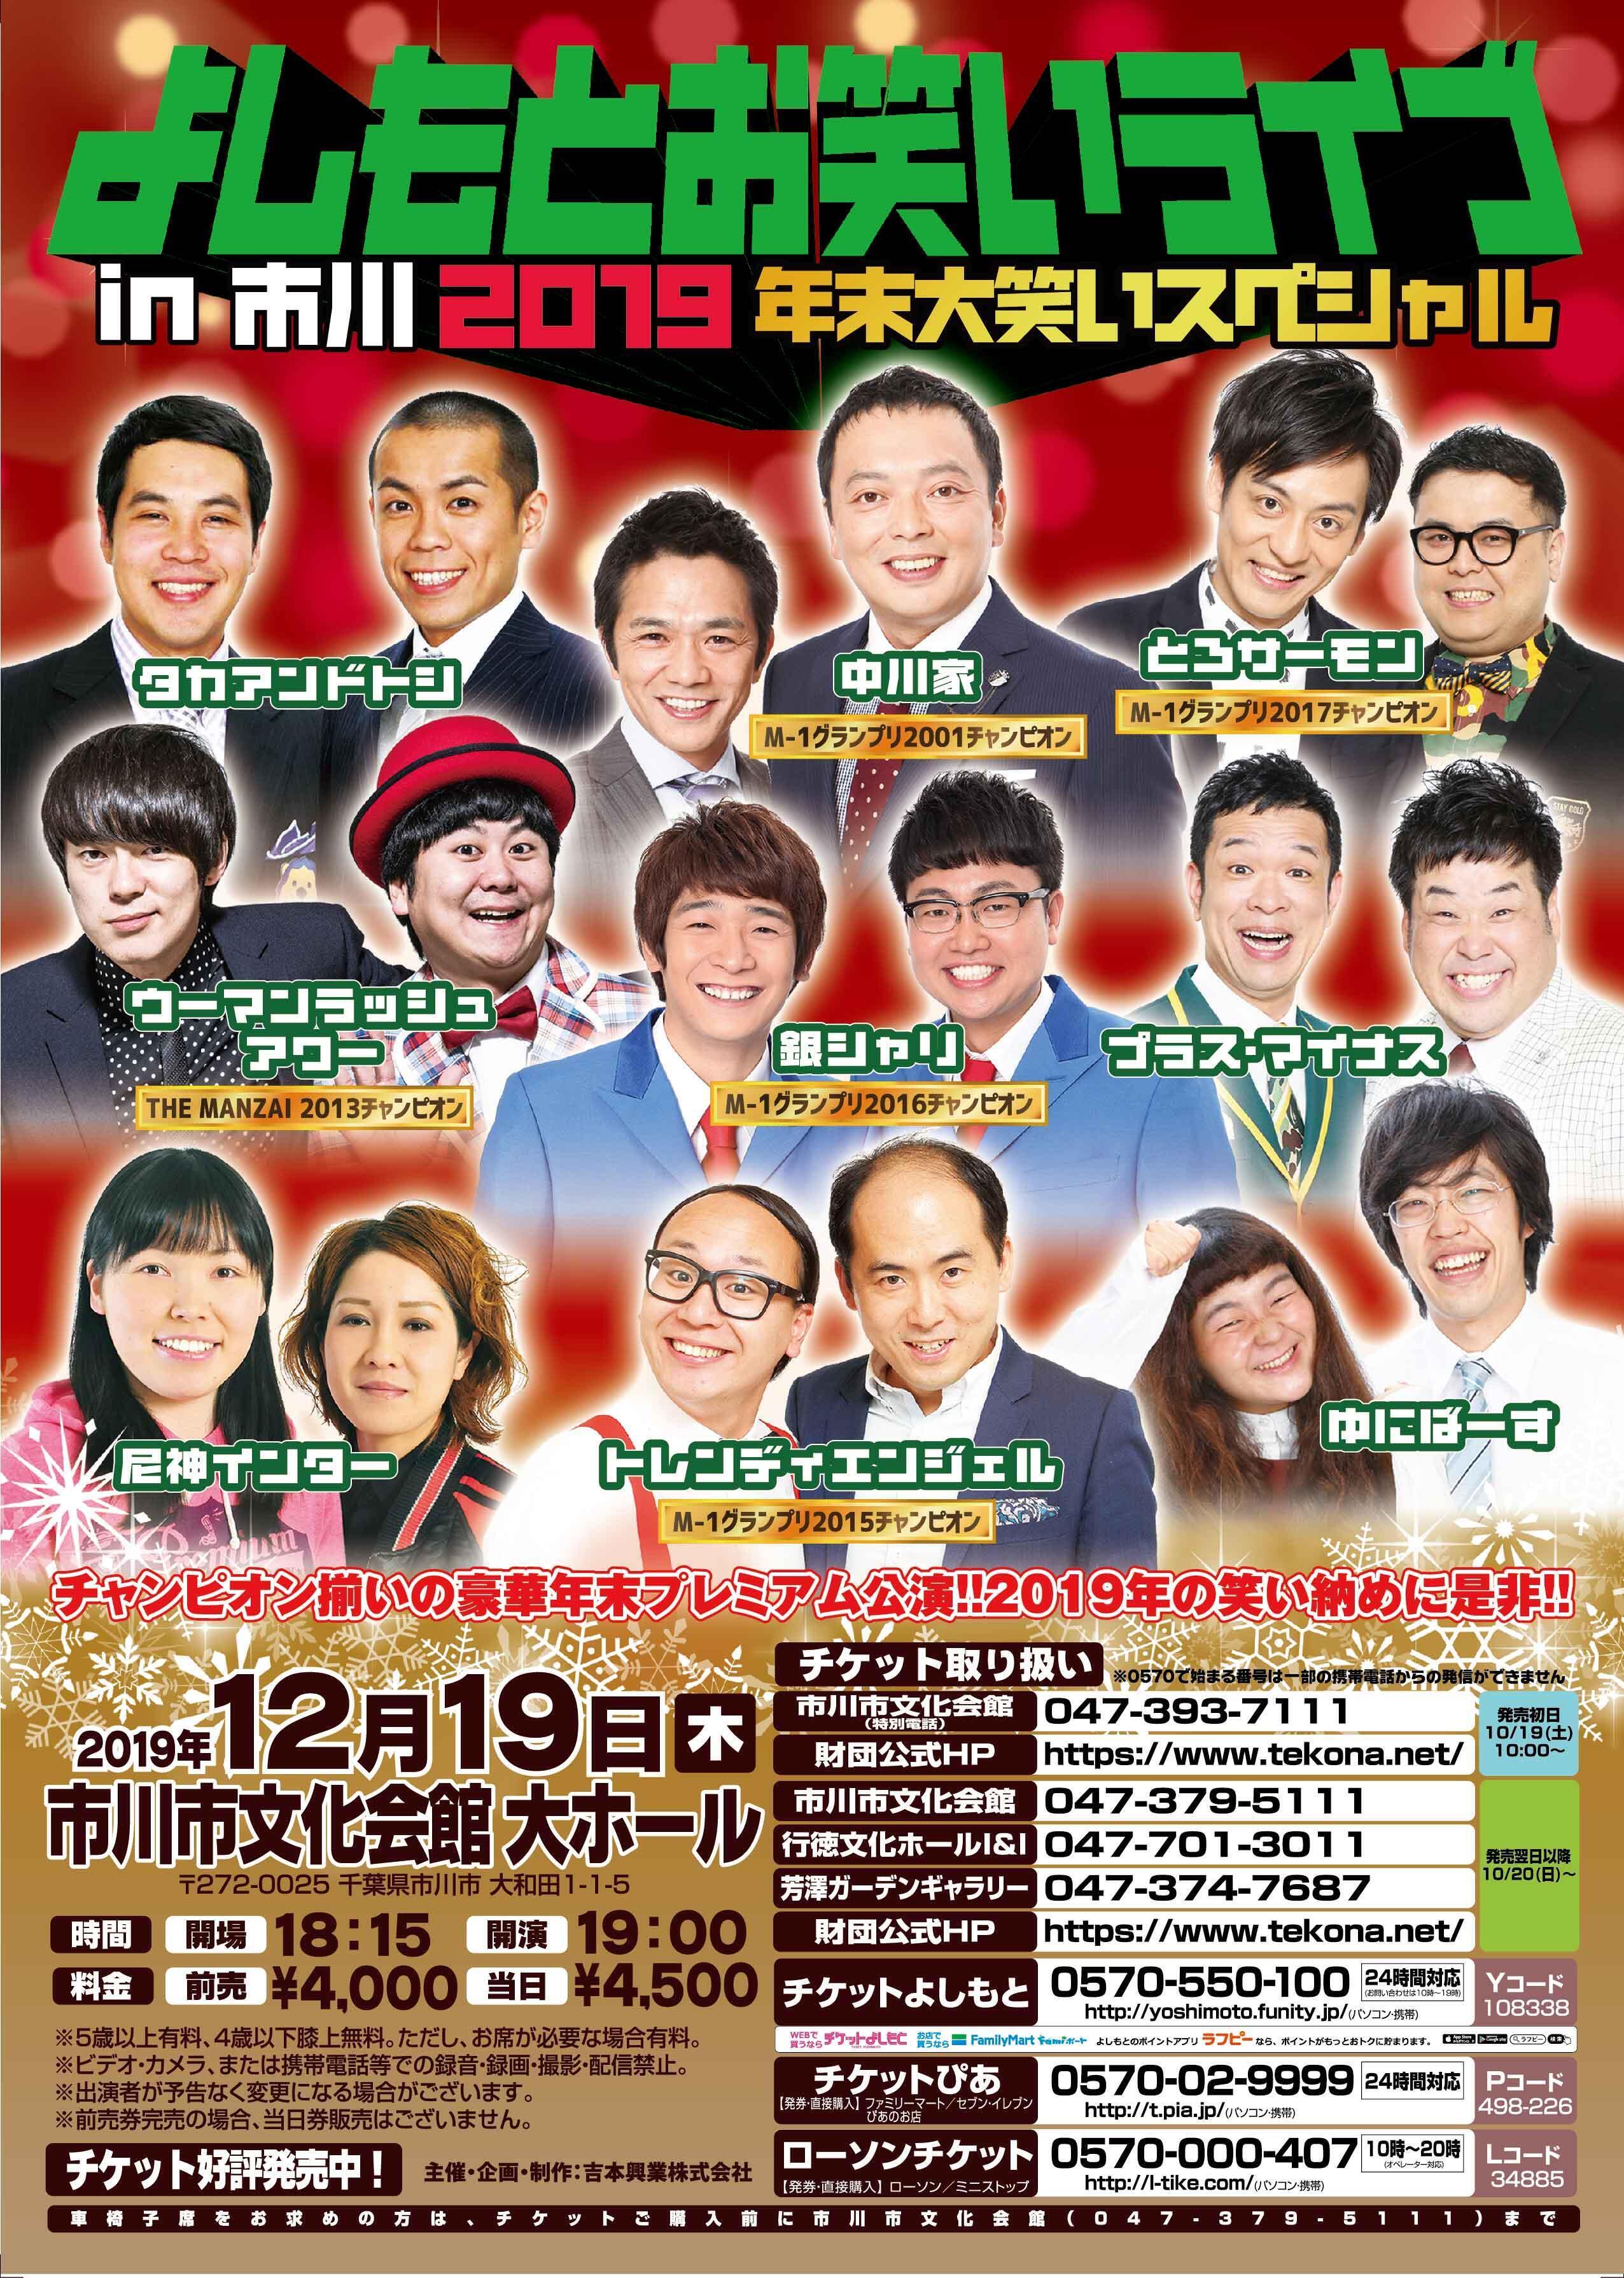 http://www.syumatsu.jp/20191126162048-236aae7a21bf405249bc61da780a96aa6bbaeed2.jpg